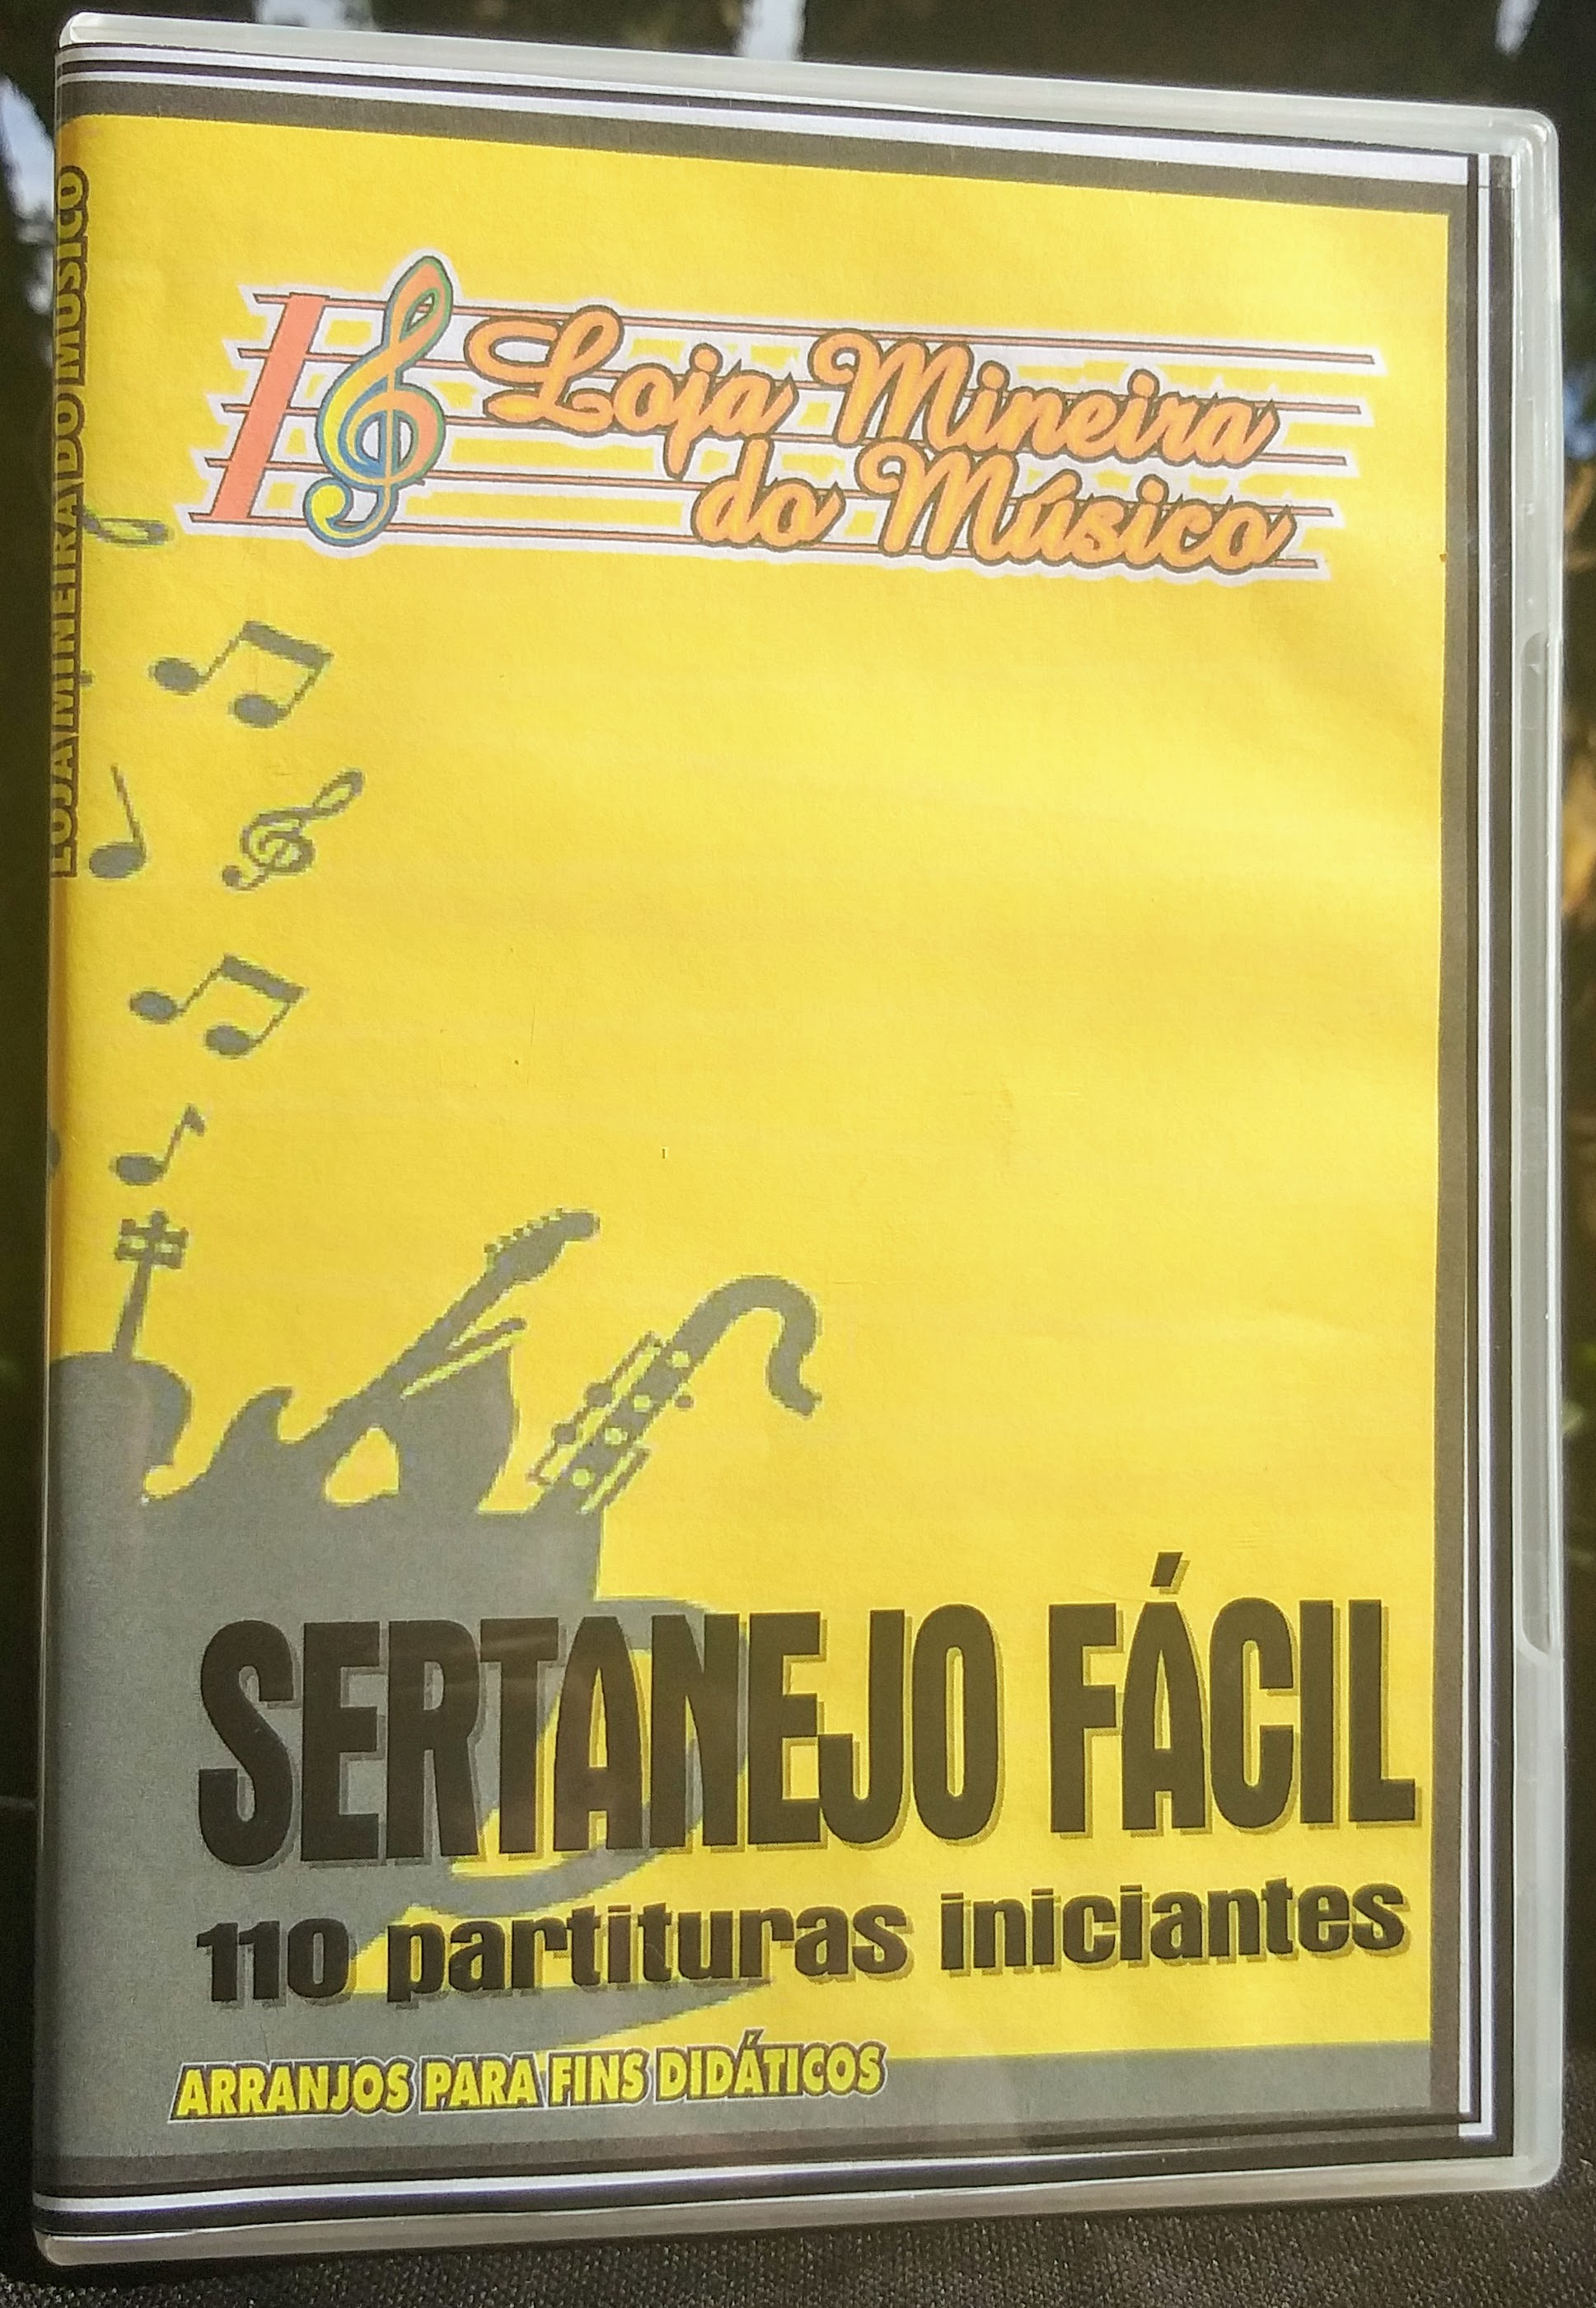 Cento e dez partituras para Teclado, verdadeiros clássicos da música Sertaneja e Forró facil de tocar